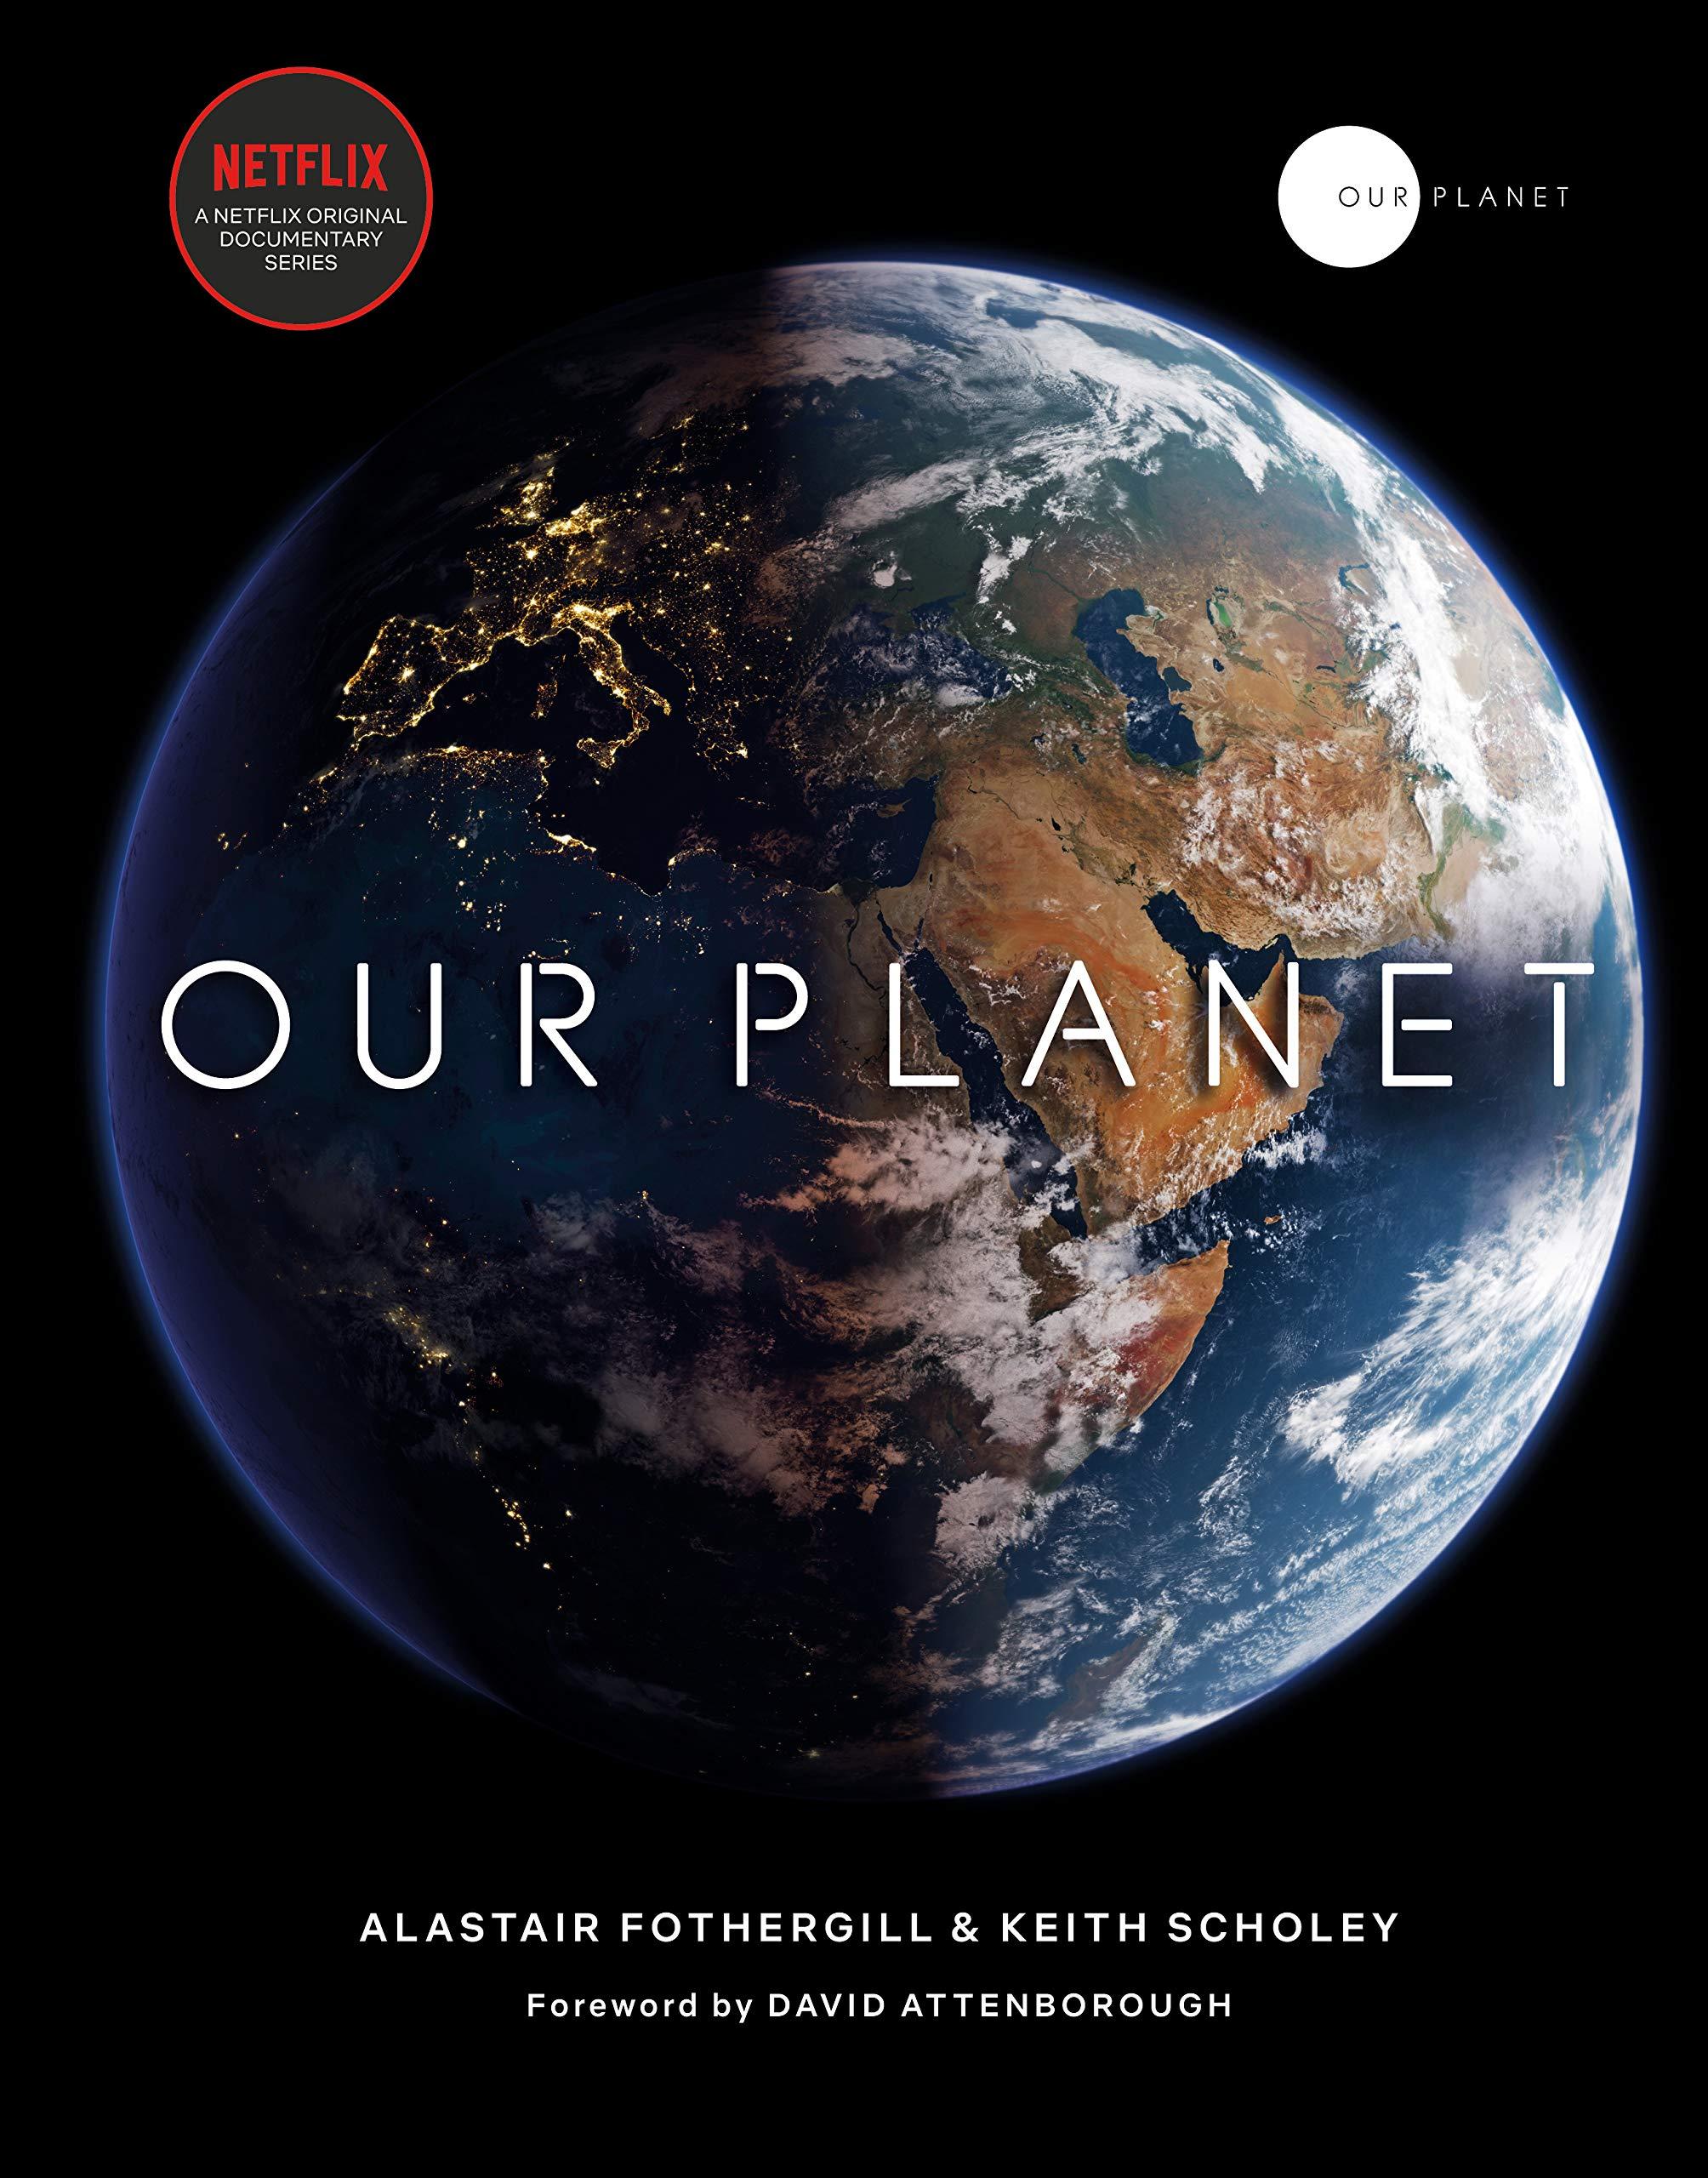 Our Planet. La docuserie di Netflix sugli habitat naturali